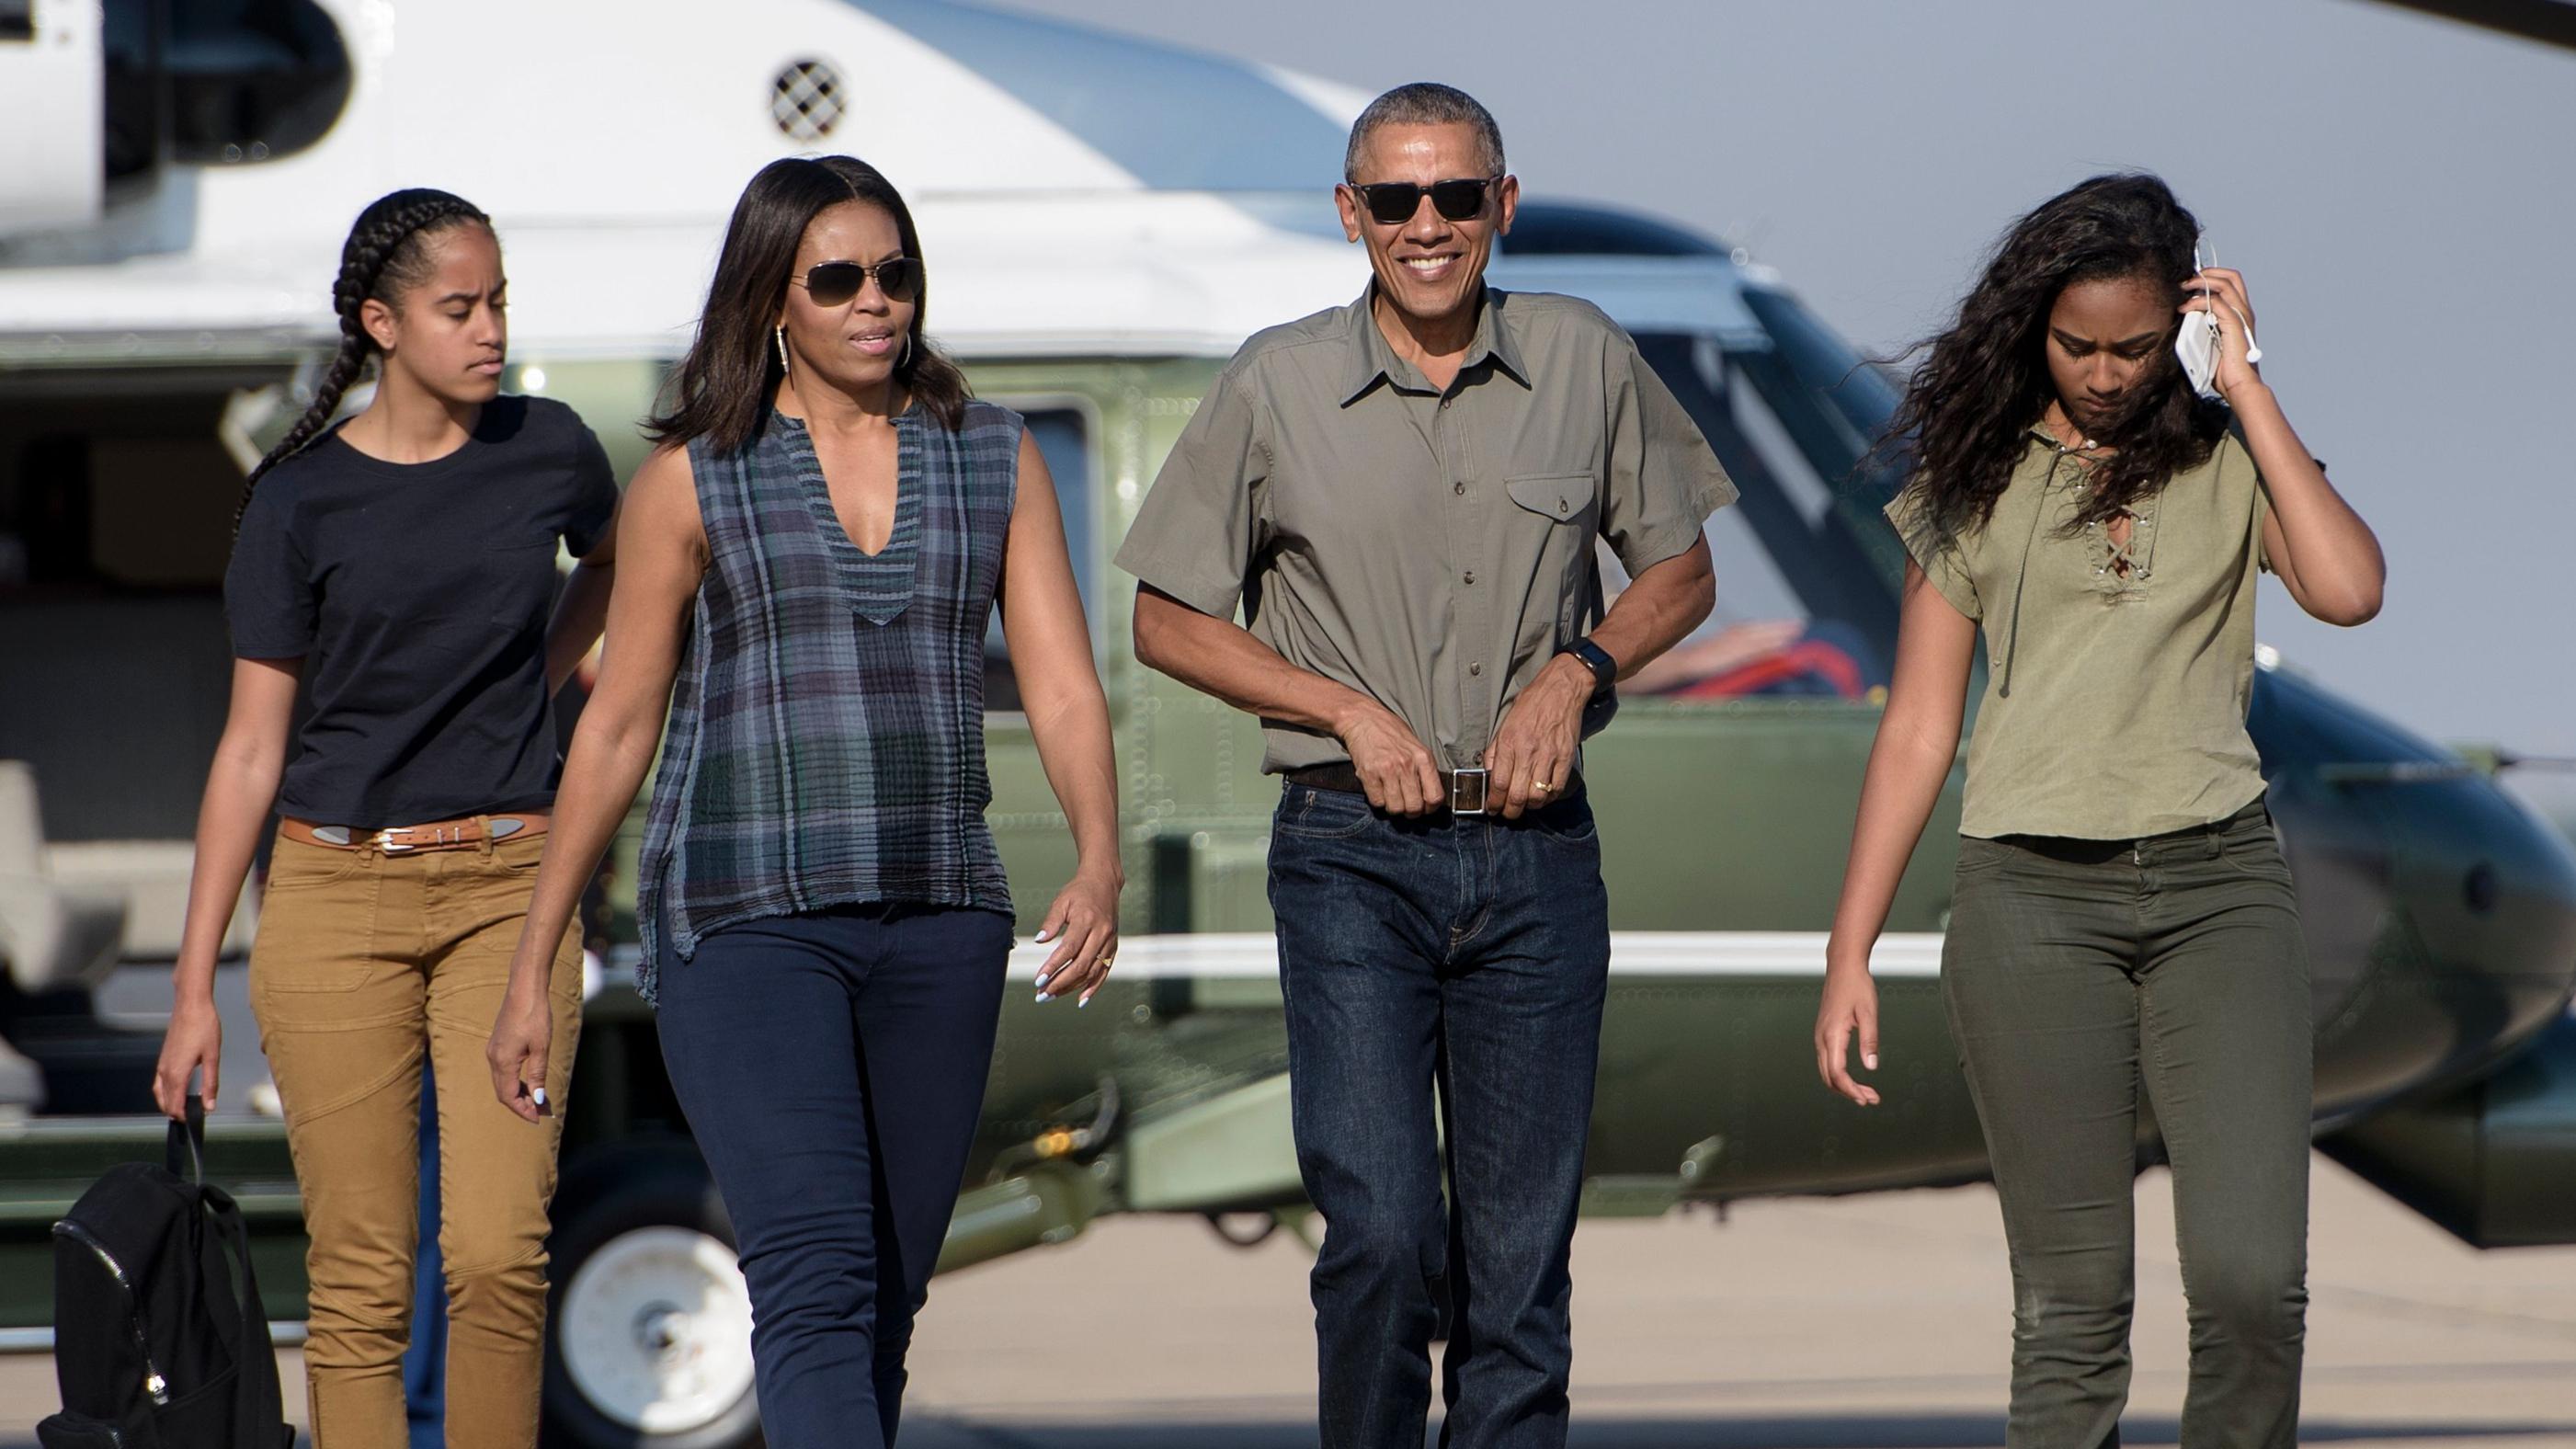 Barack and Michelle Obama's Daughters: Meet Malia and Sasha